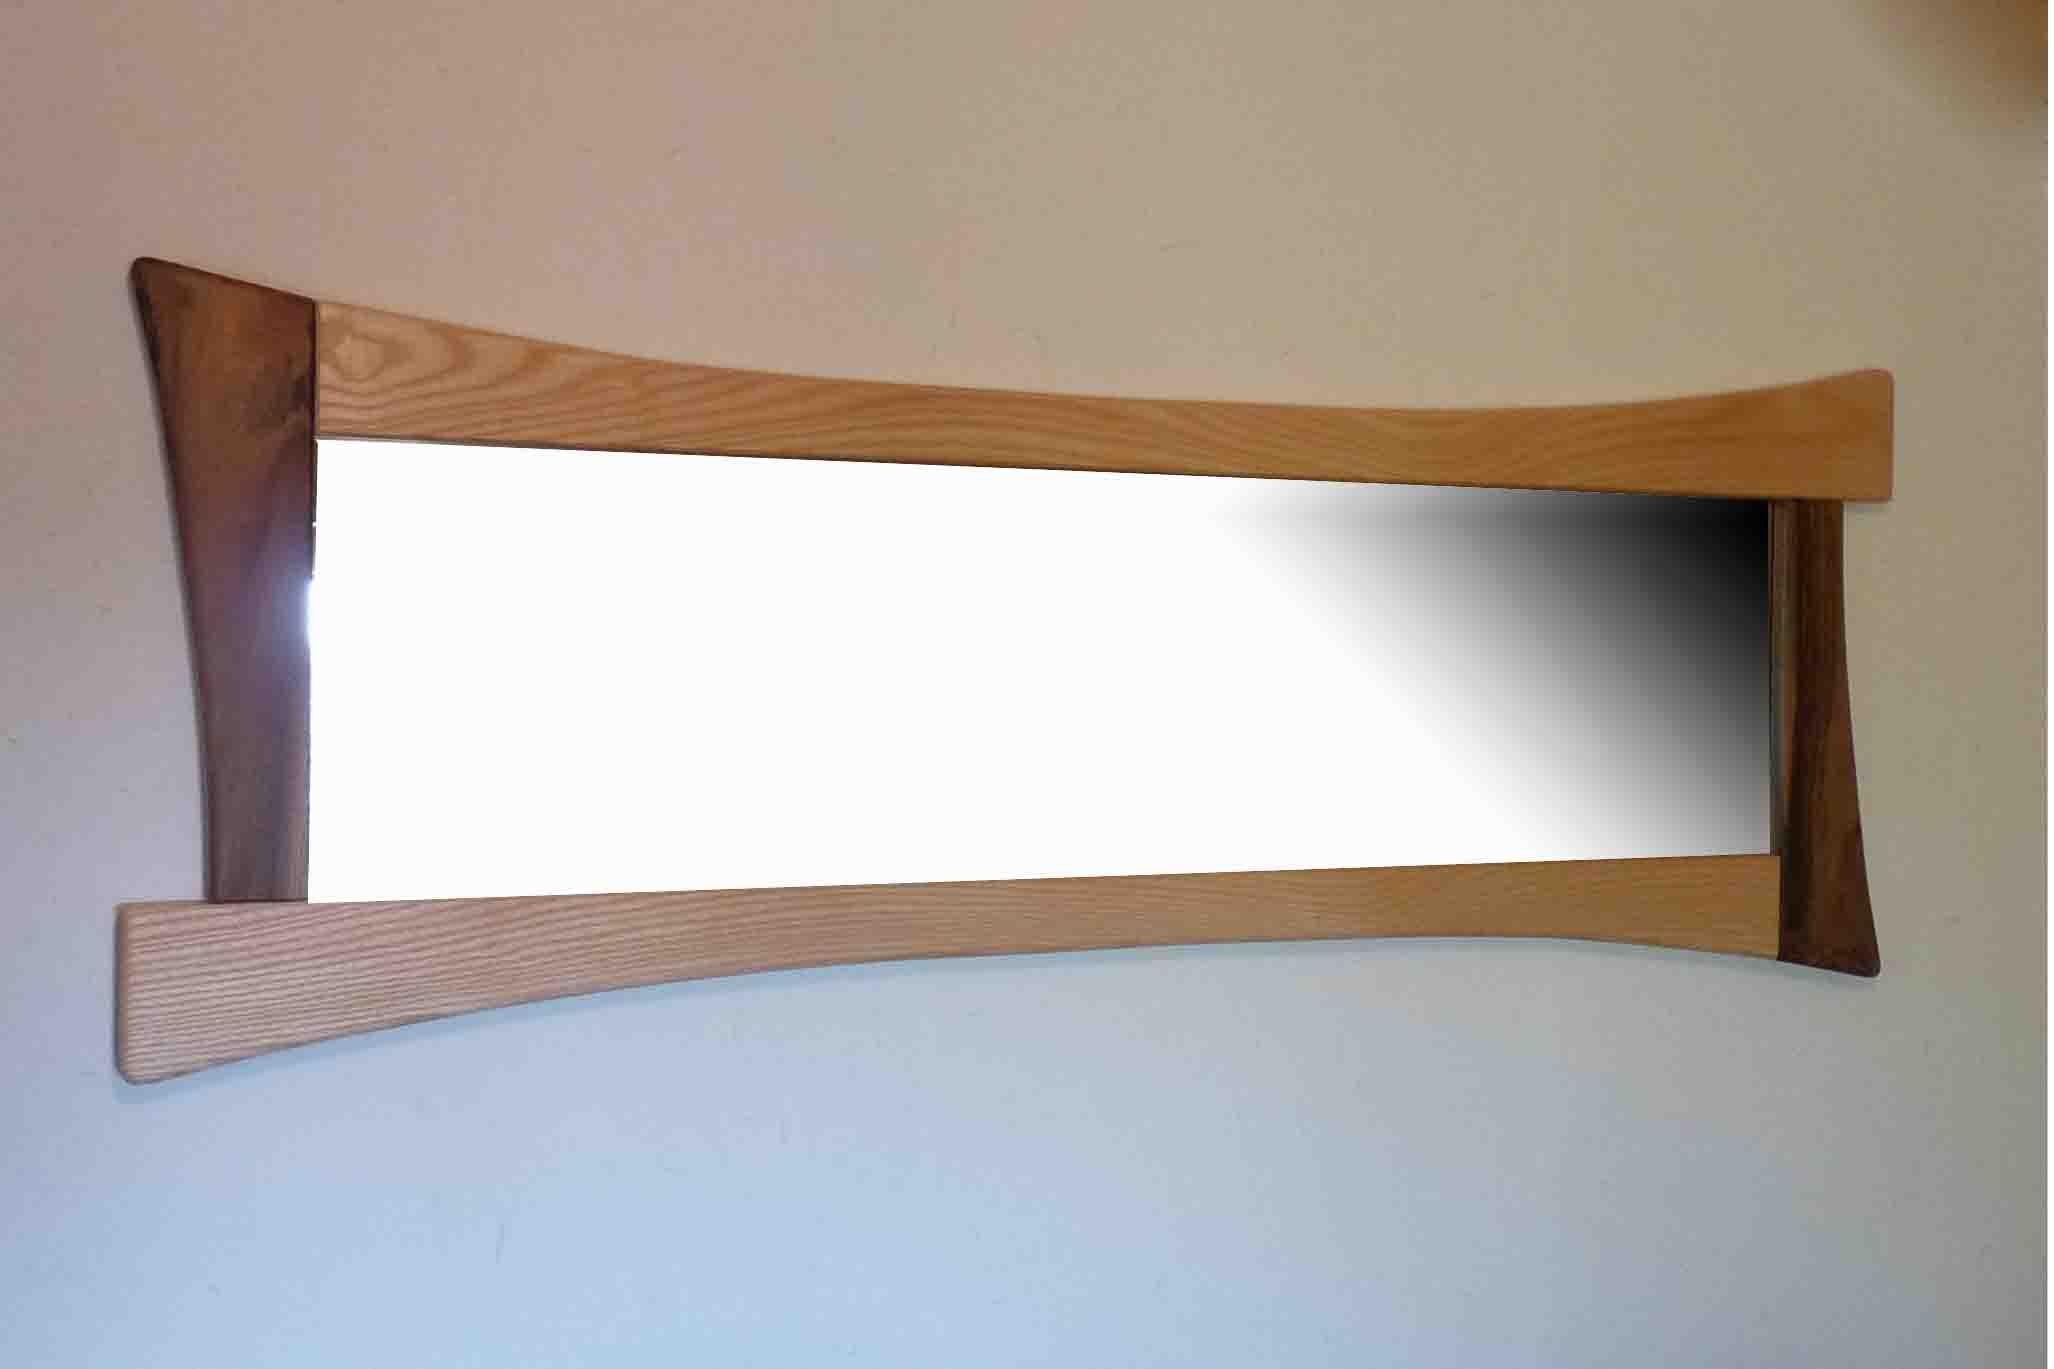 Miroir en bois plein pied - vue 1